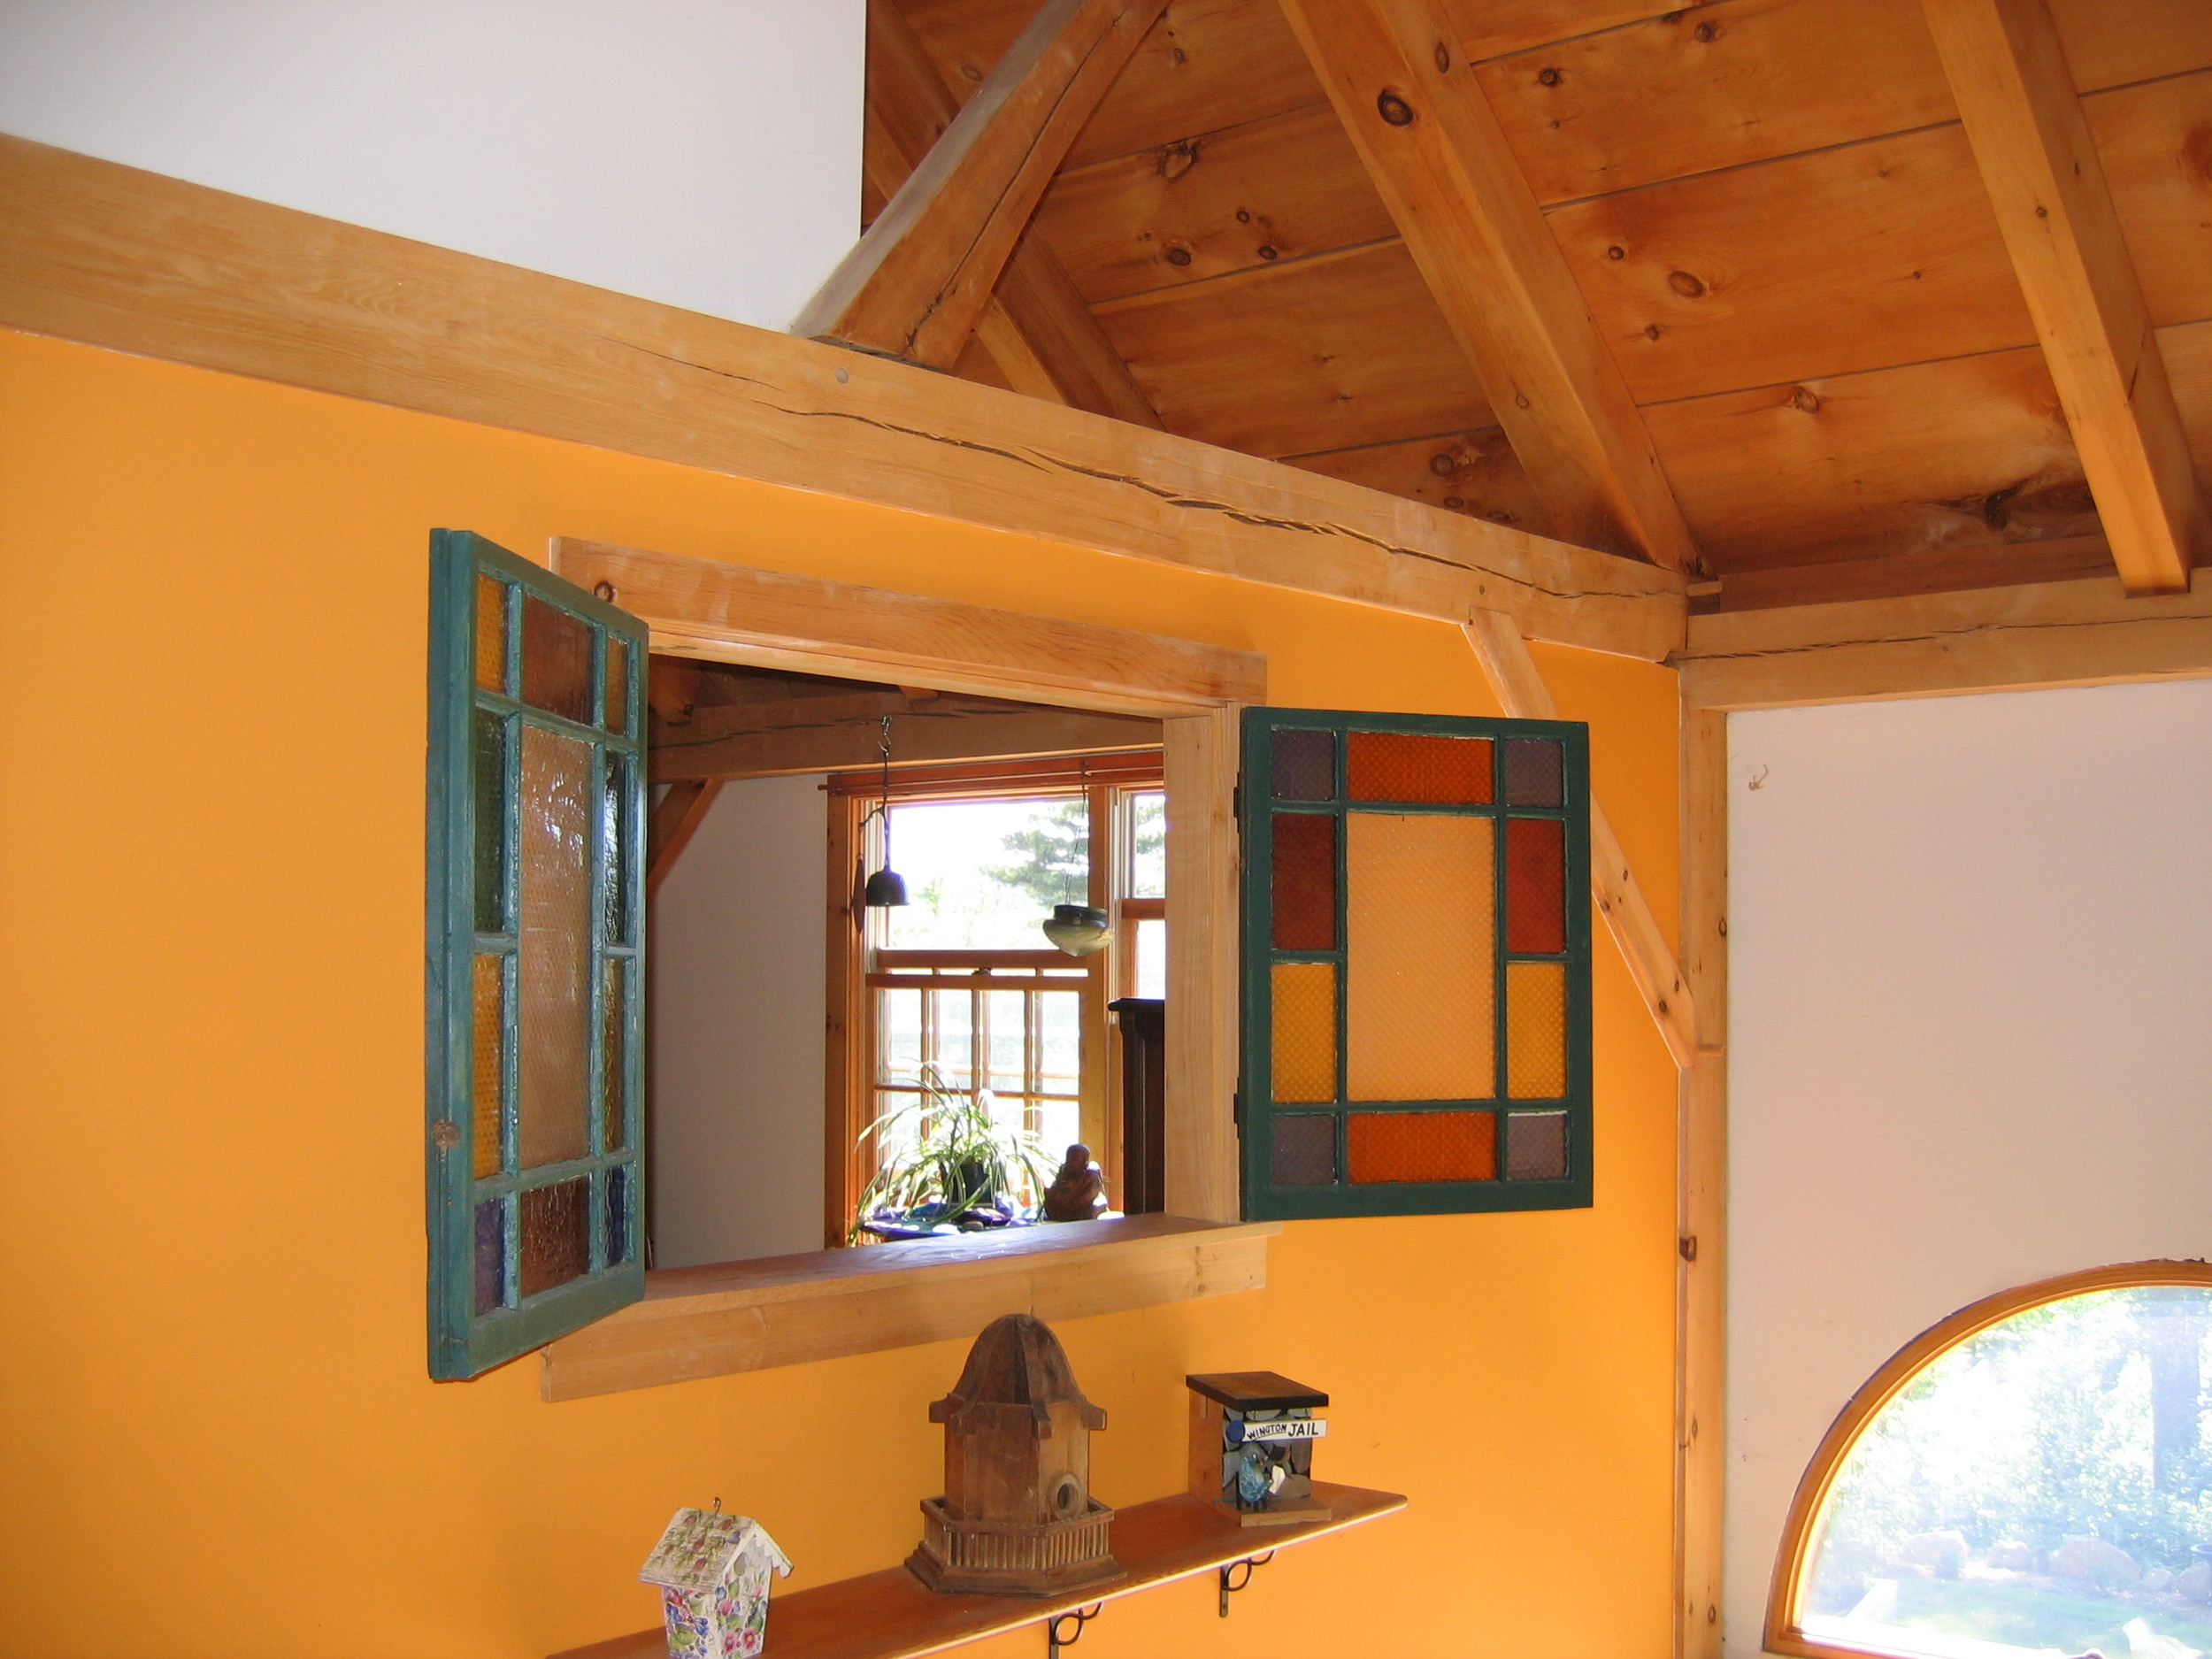 Timberframe home, Plainfield MA